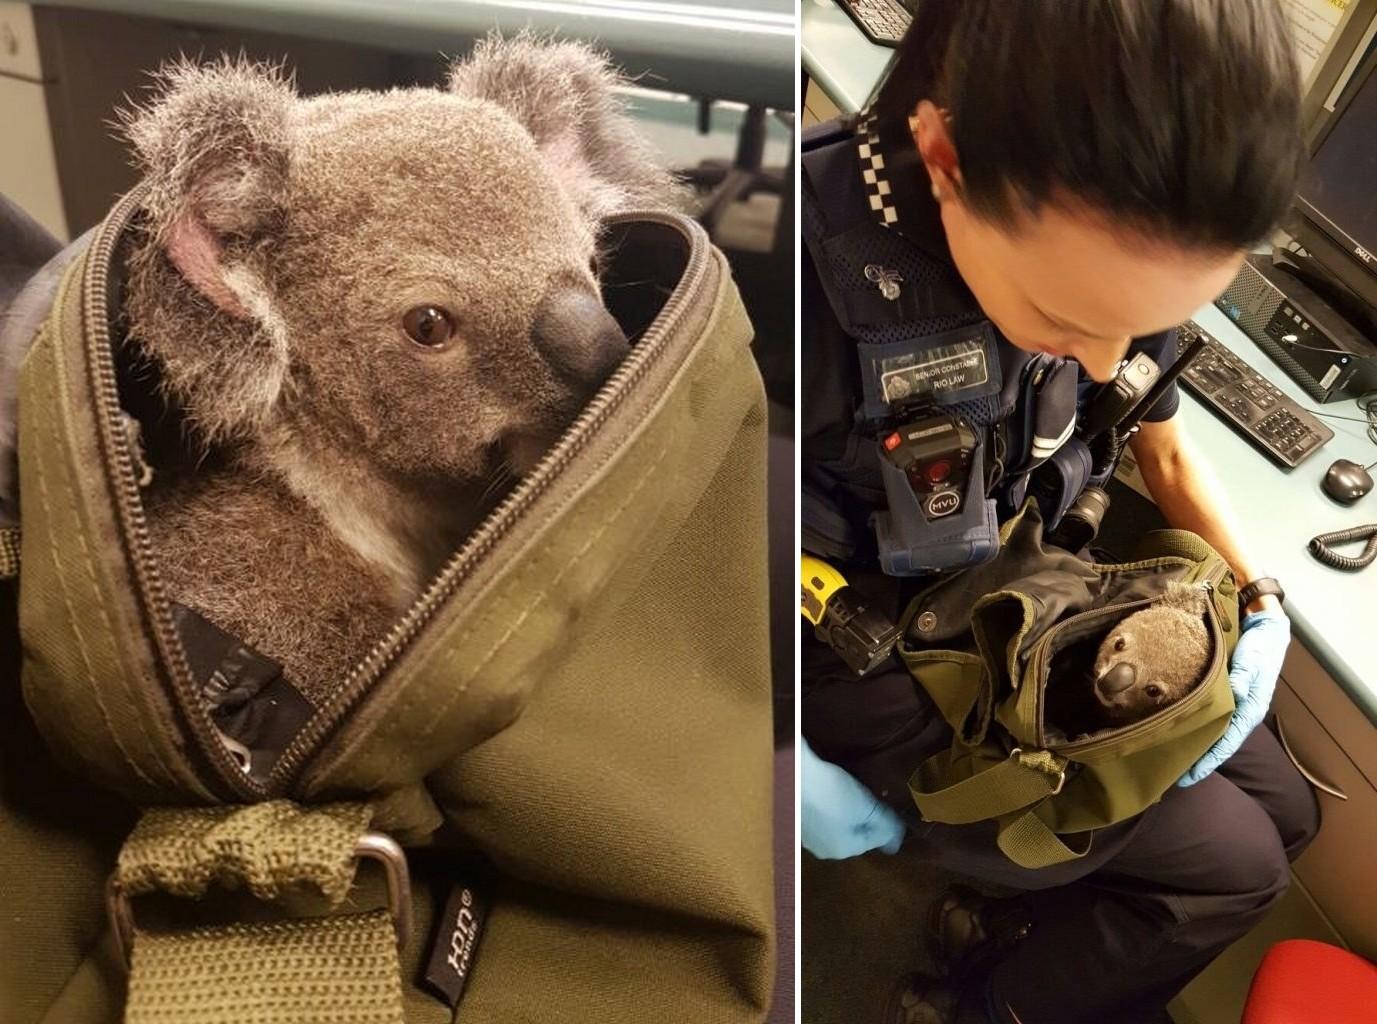 Koalabébit csempészett a hátizsákjában, szerencsére a rendőrség közbeszólt